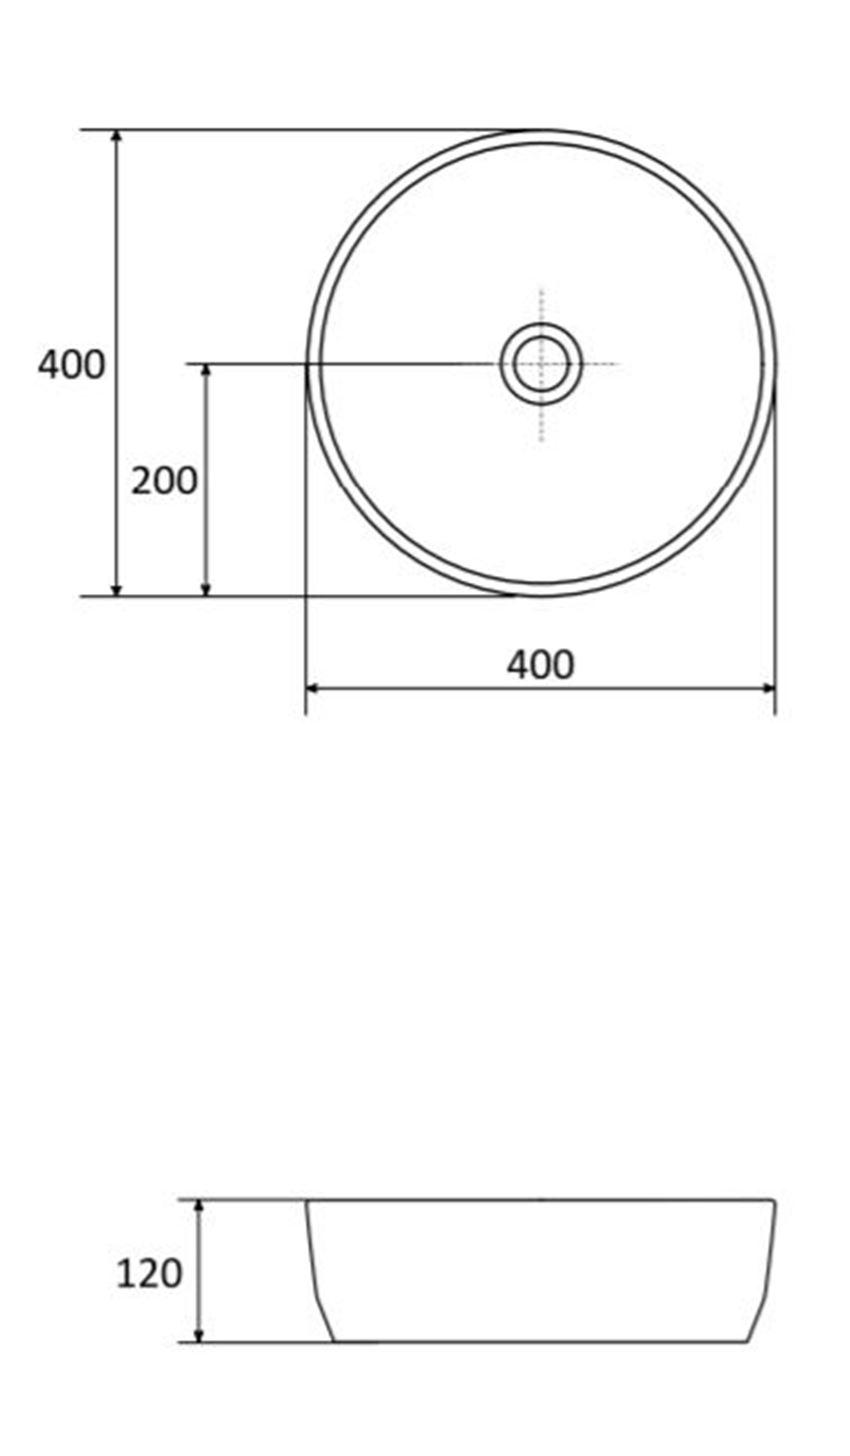 Umywalka Azario Averno Slim Round rys. techniczny 2.jpg